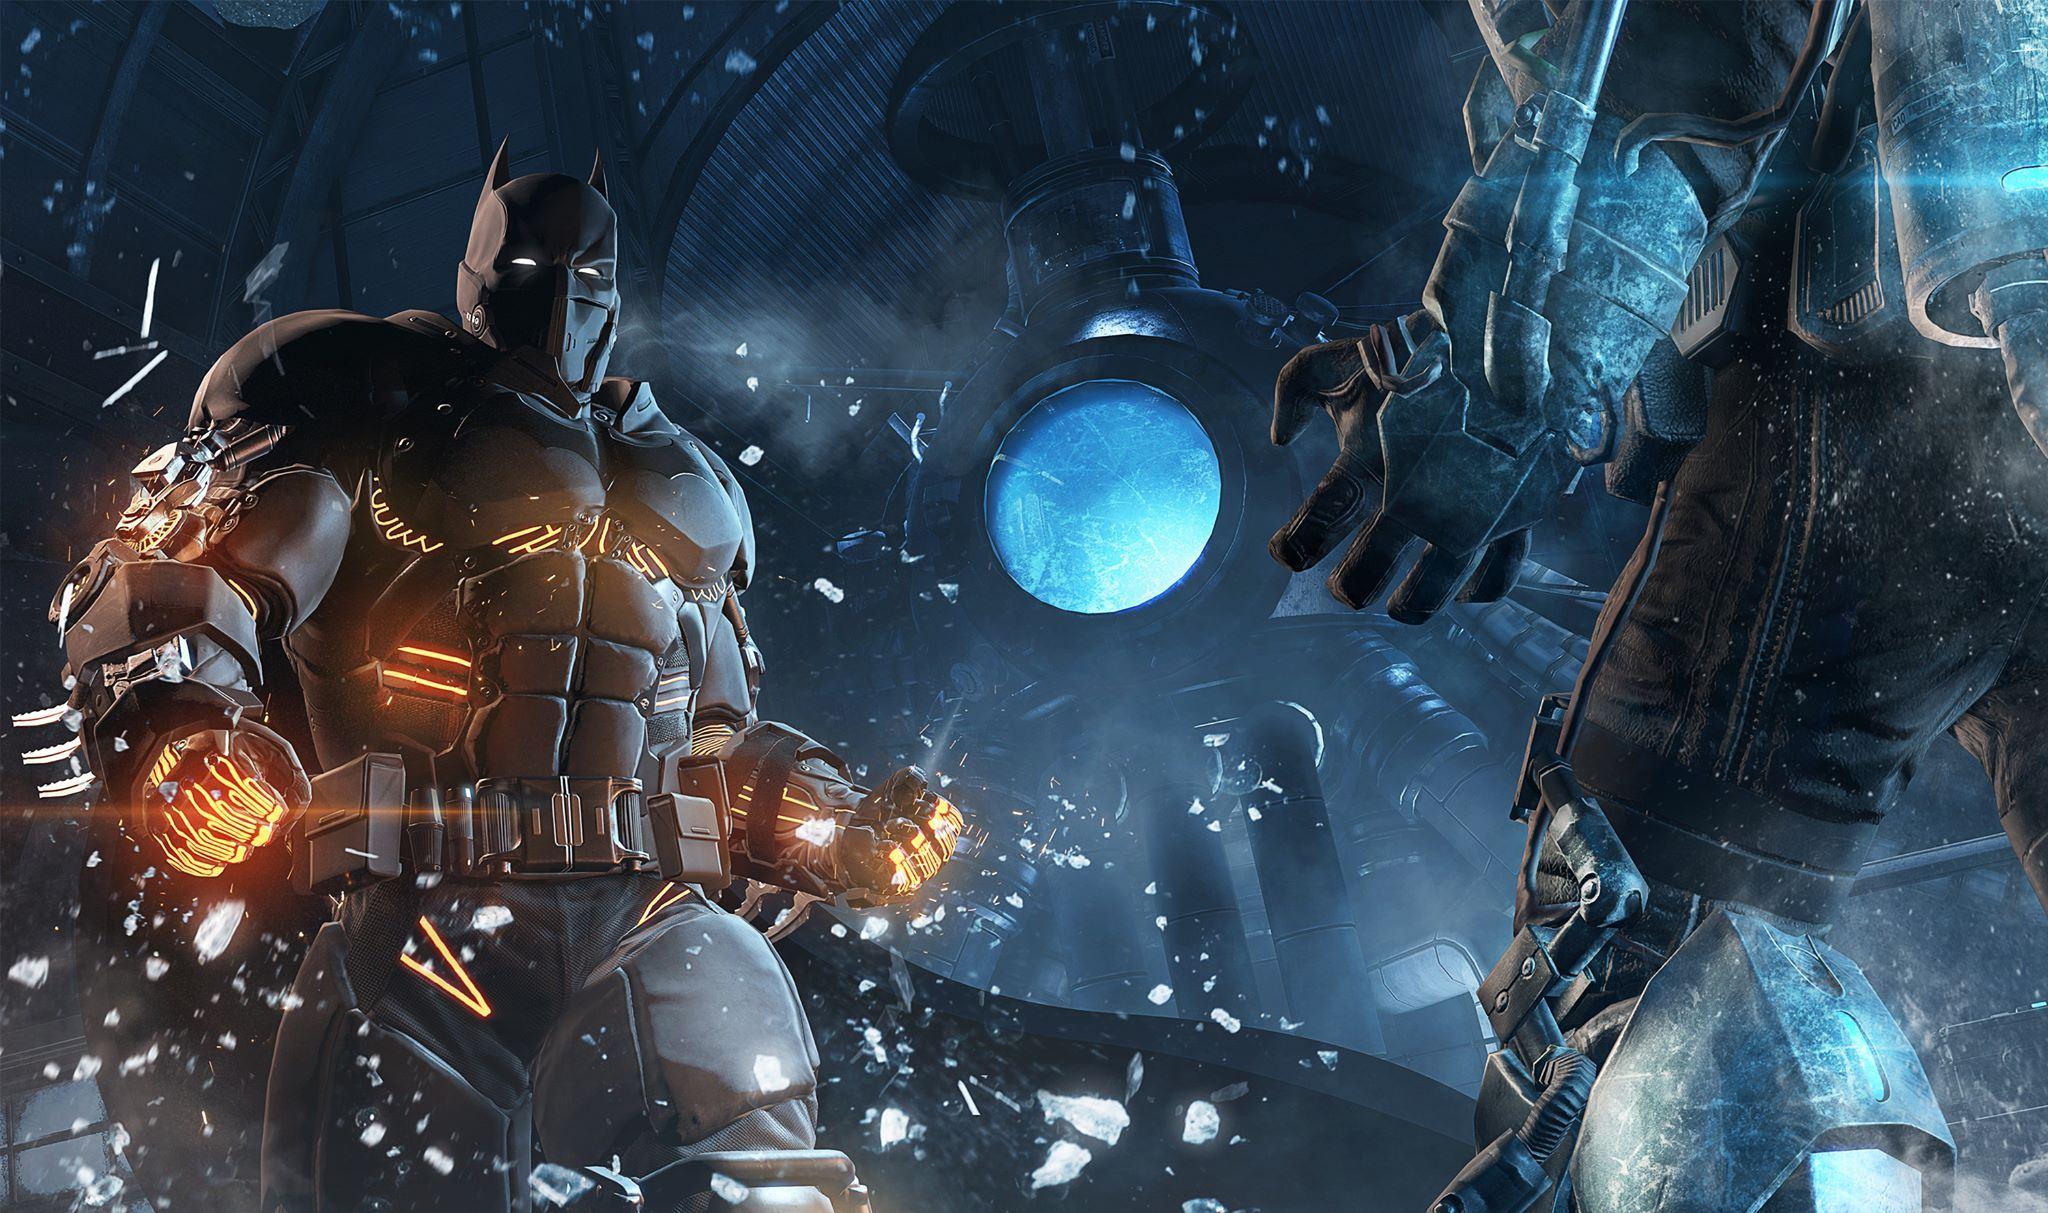 Новый костюм Бэтмана из DLC про Мистера Фриза для Arkham Oringins - Изображение 1